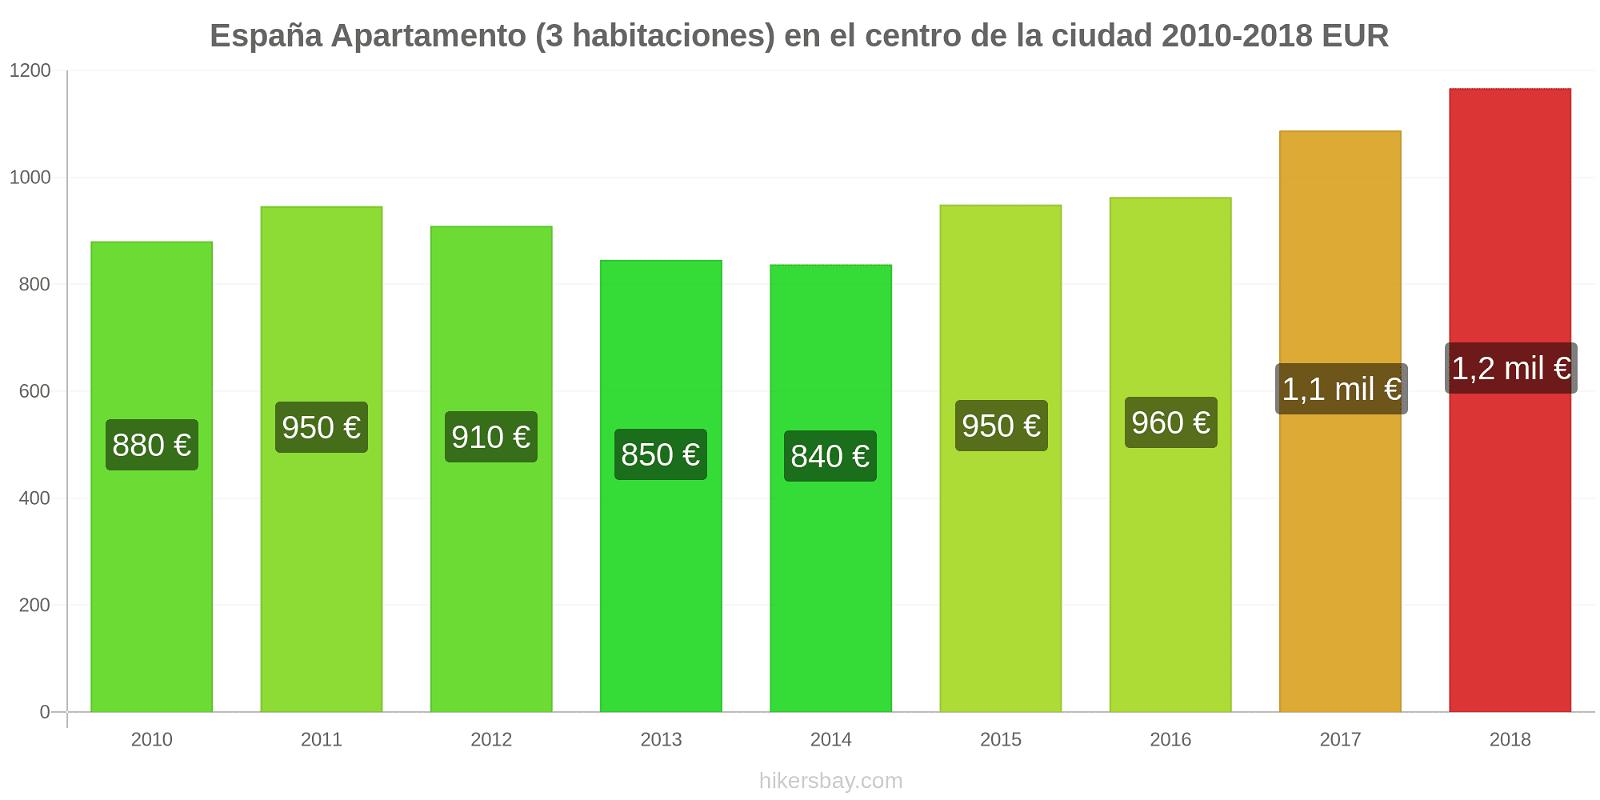 España cambios de precios Apartamento (3 habitaciones) en el centro de la ciudad hikersbay.com